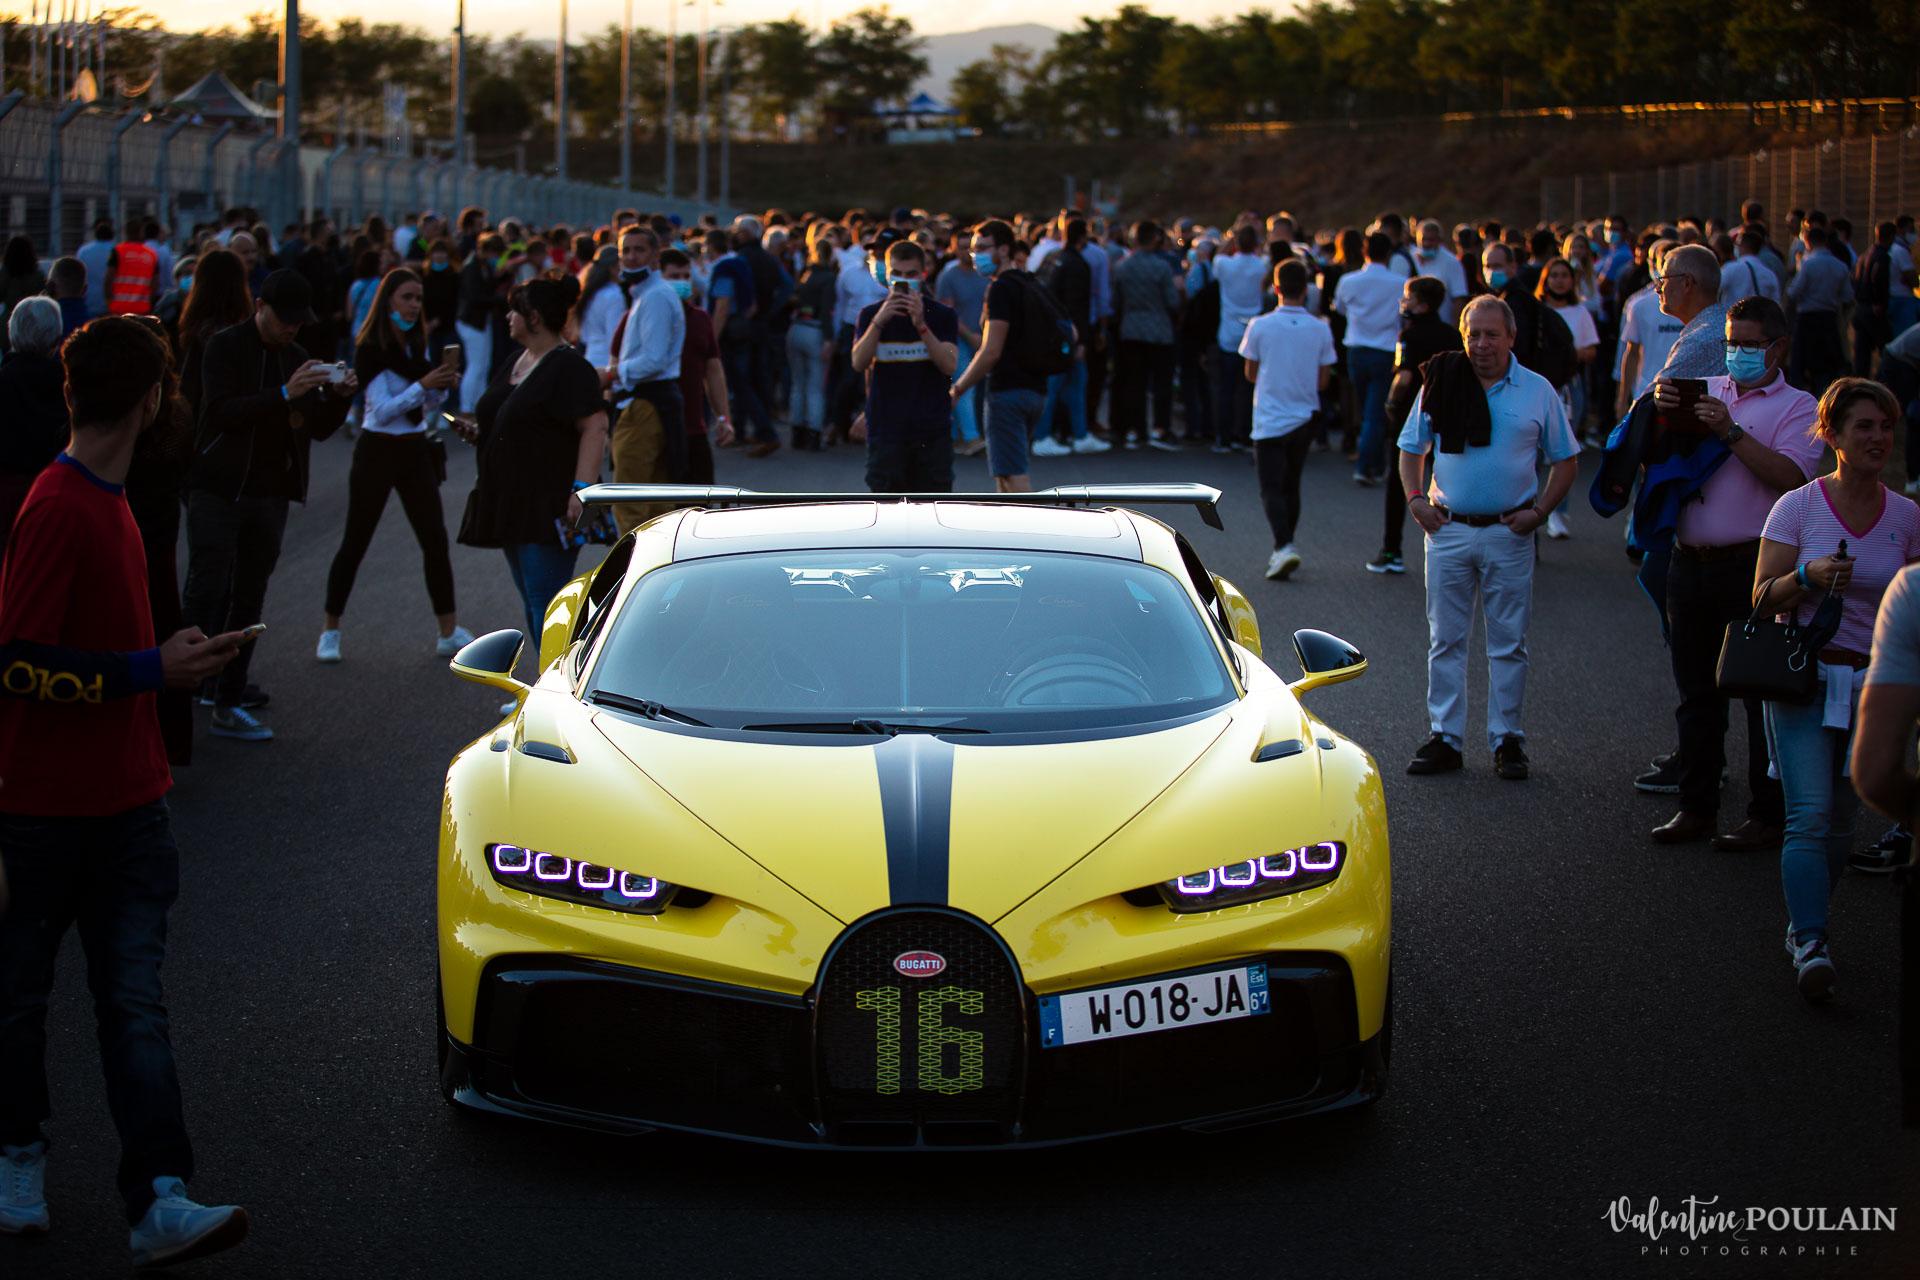 Reportage photo Evenement sportif Bugatti Chiron pur sport -automobile _ Valentine Poulain